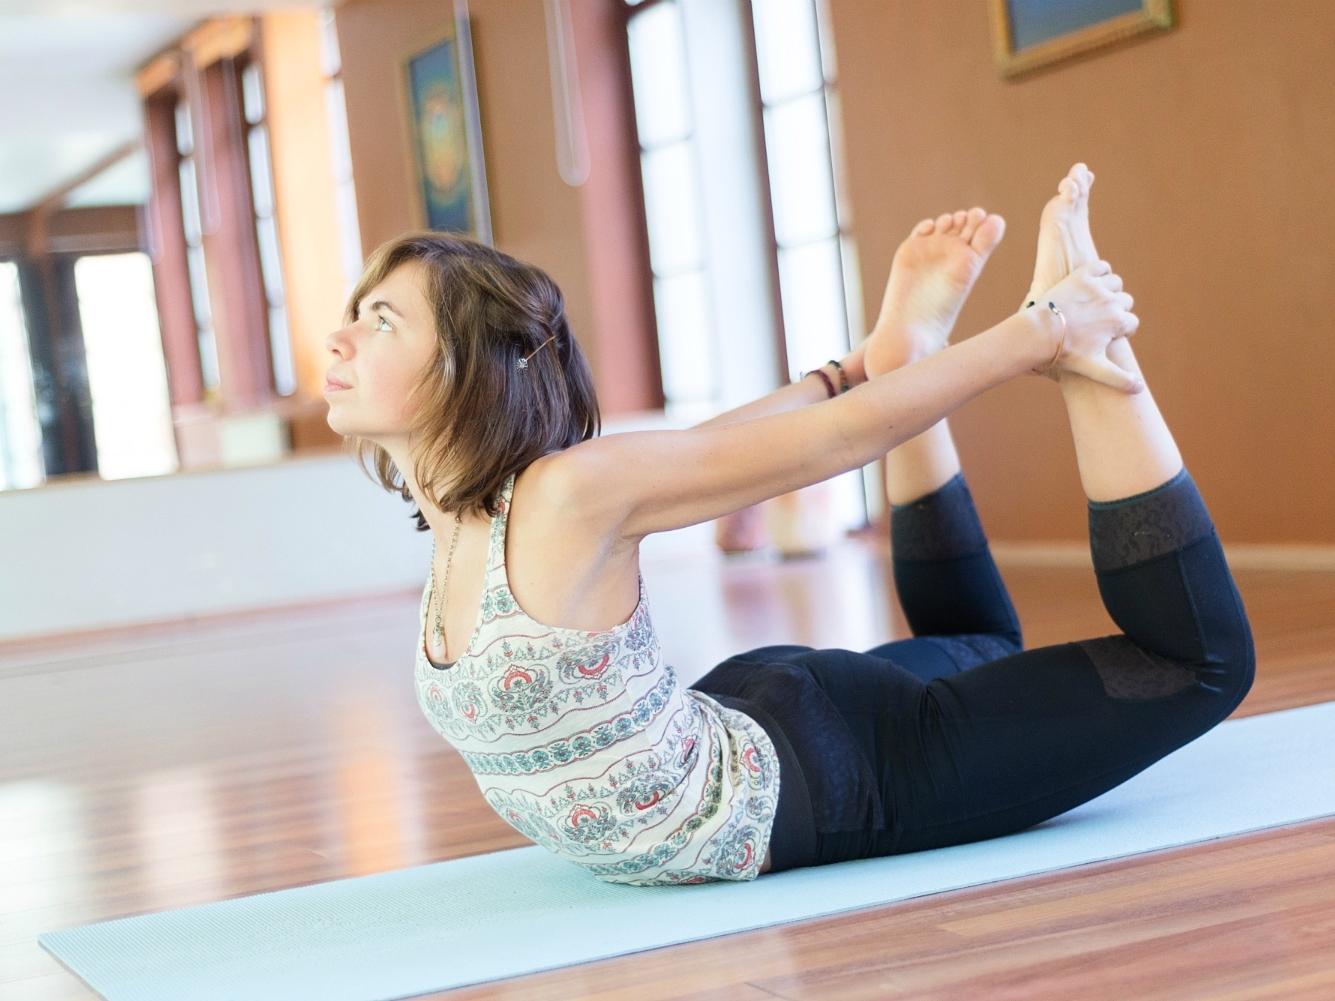 yoga-poses-prague.jpg